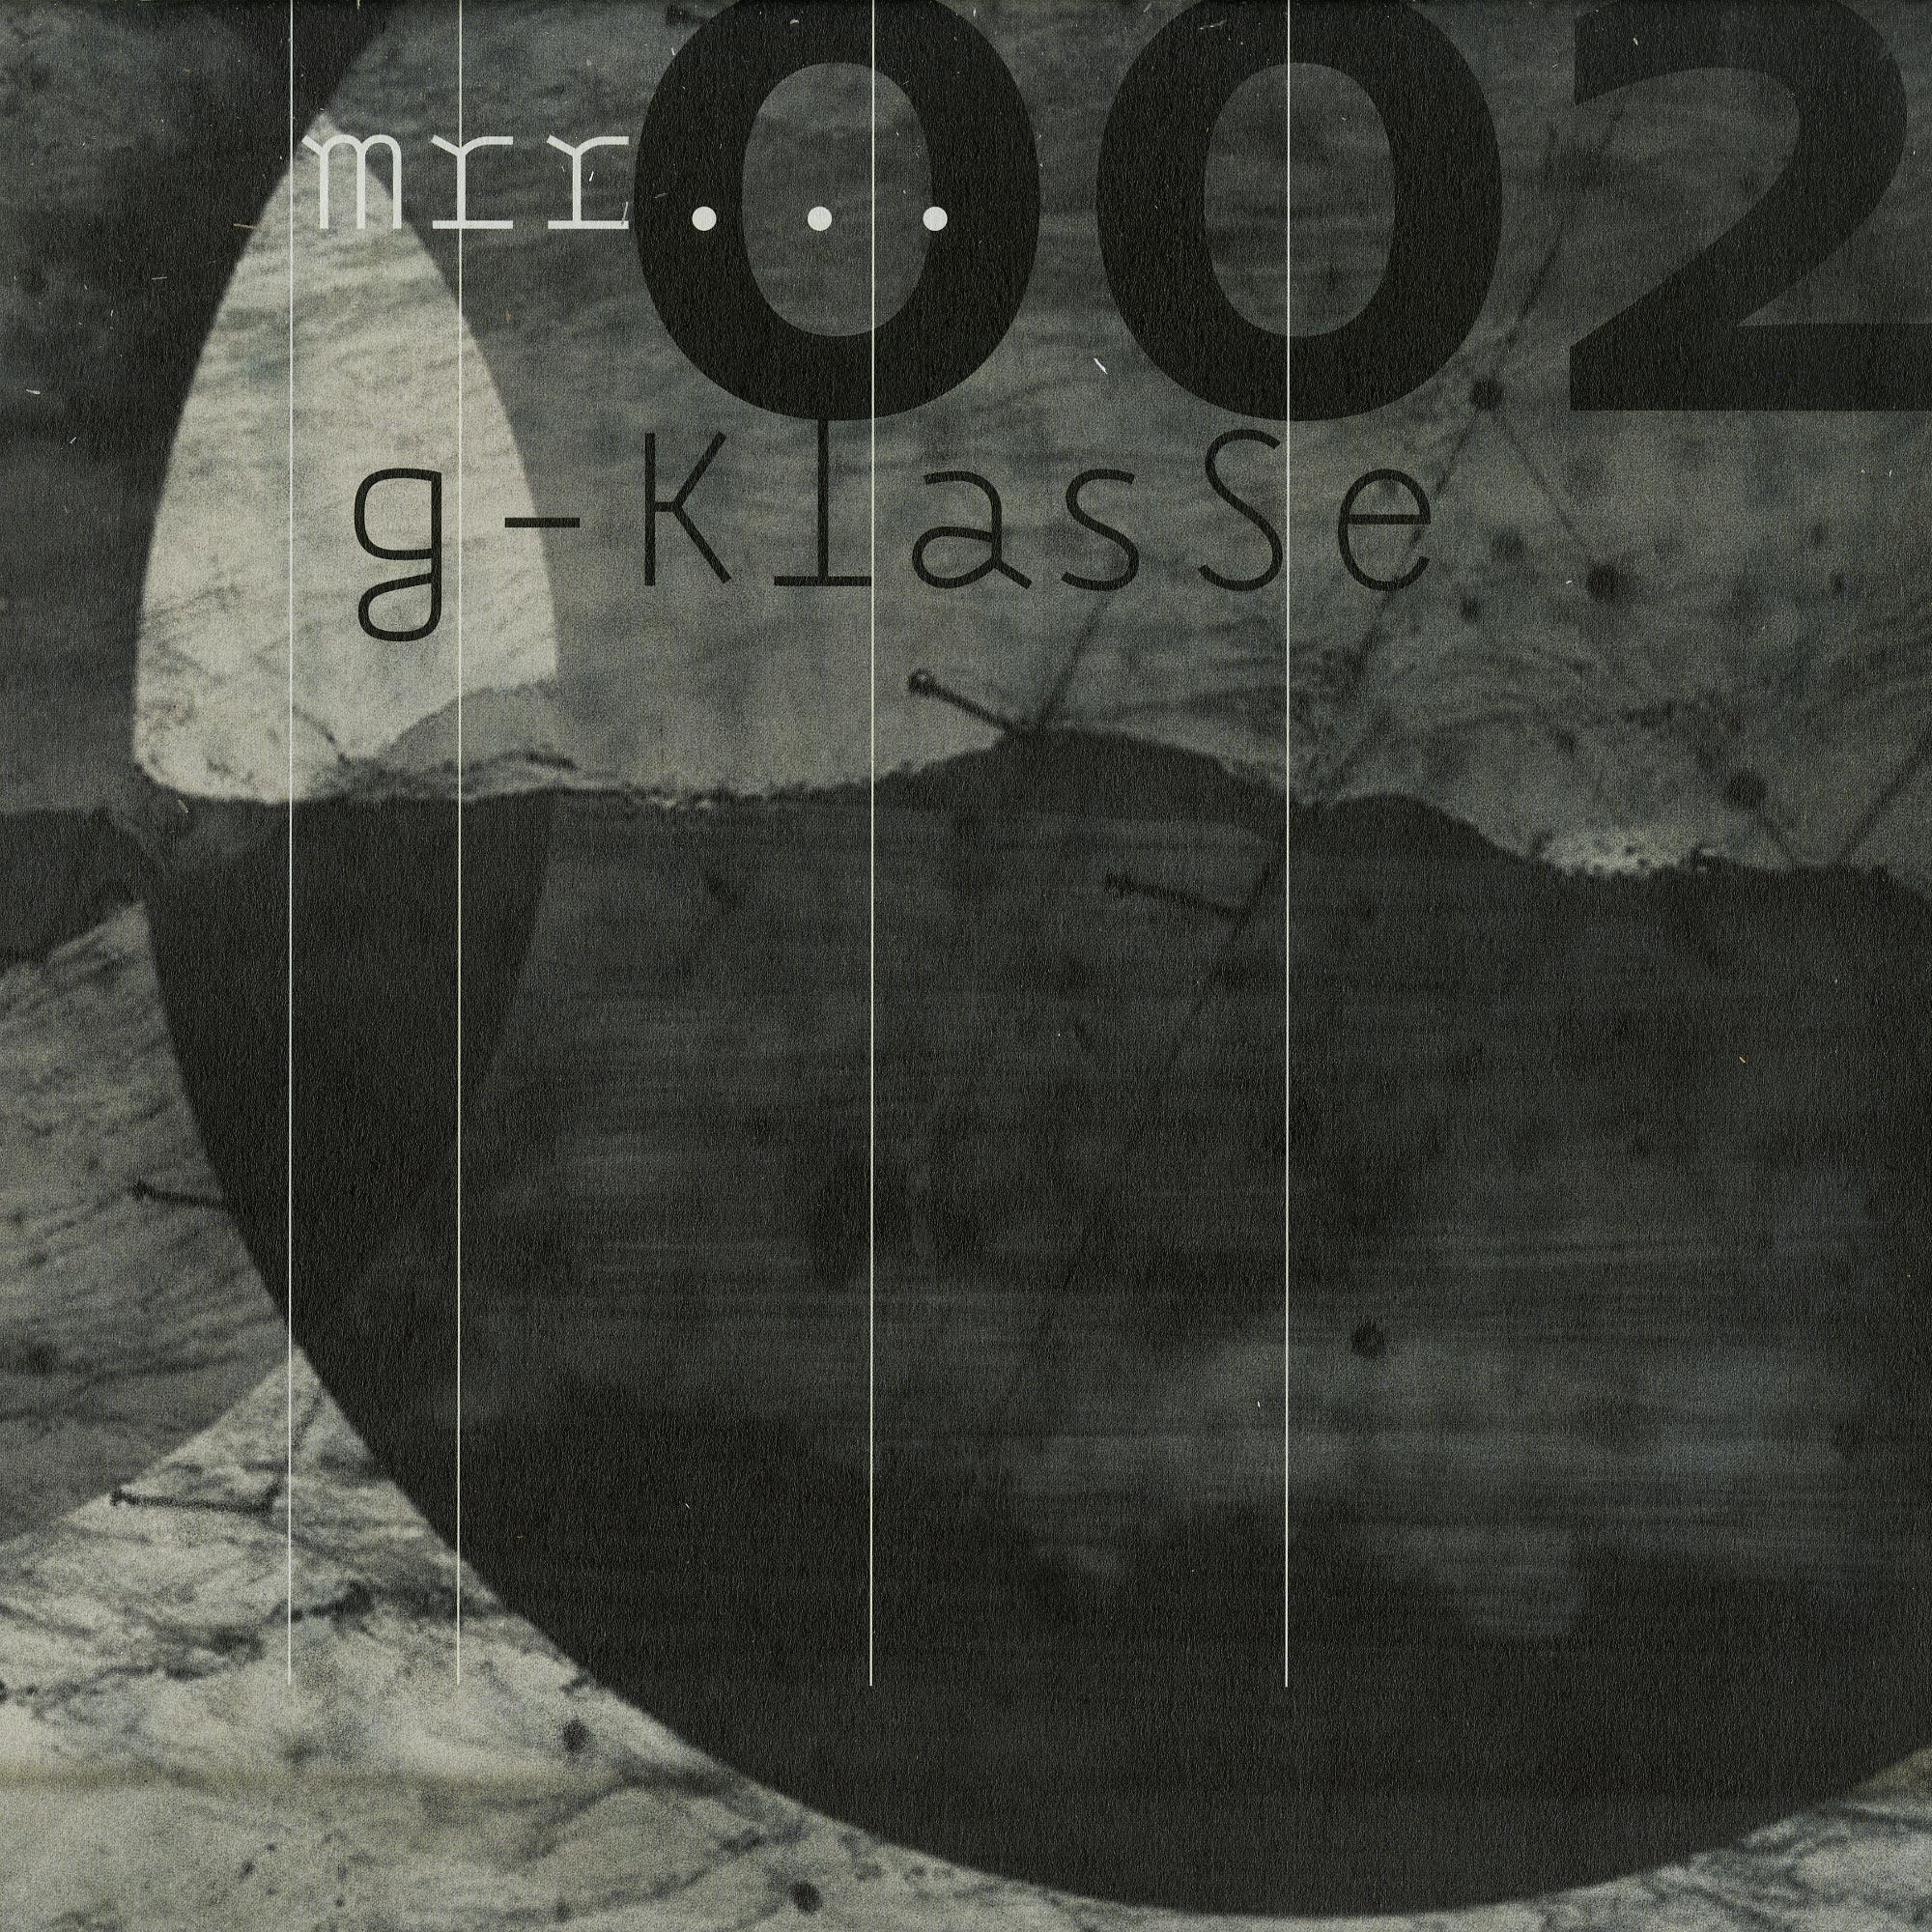 G76 - G-KLASSE EP